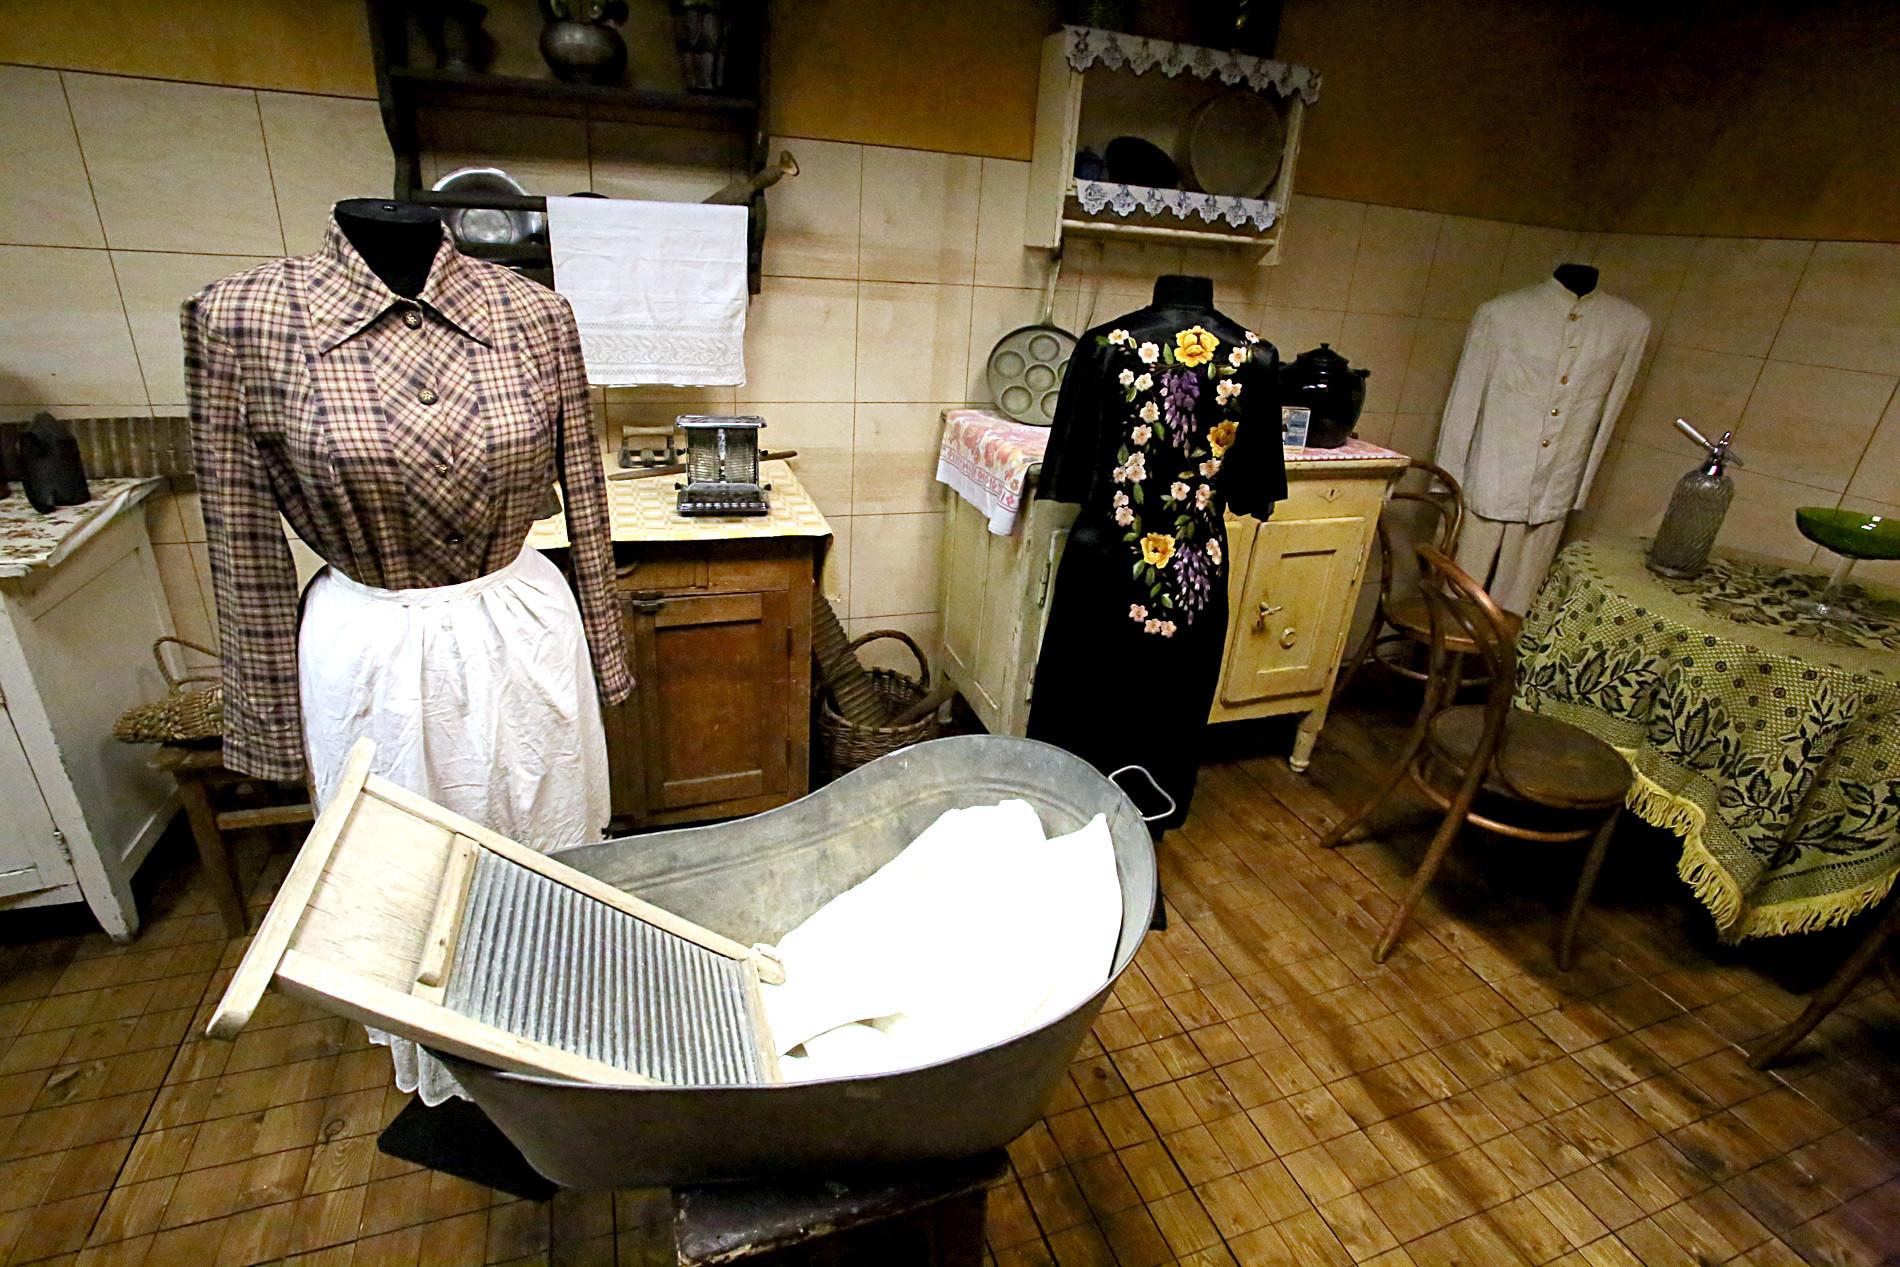 Kuhinja iz 40. let 20. stoletja. Na levi omarici ročna masažna naprava, ki je prišla prav zlasti za valjanje testa, poleg pa pekač za kruh; v košari valjar in pripomoček za drgnjenje perila pri pranju; na desni omarici ponev za jajca ali palačinke; na mizi zopet sifon.